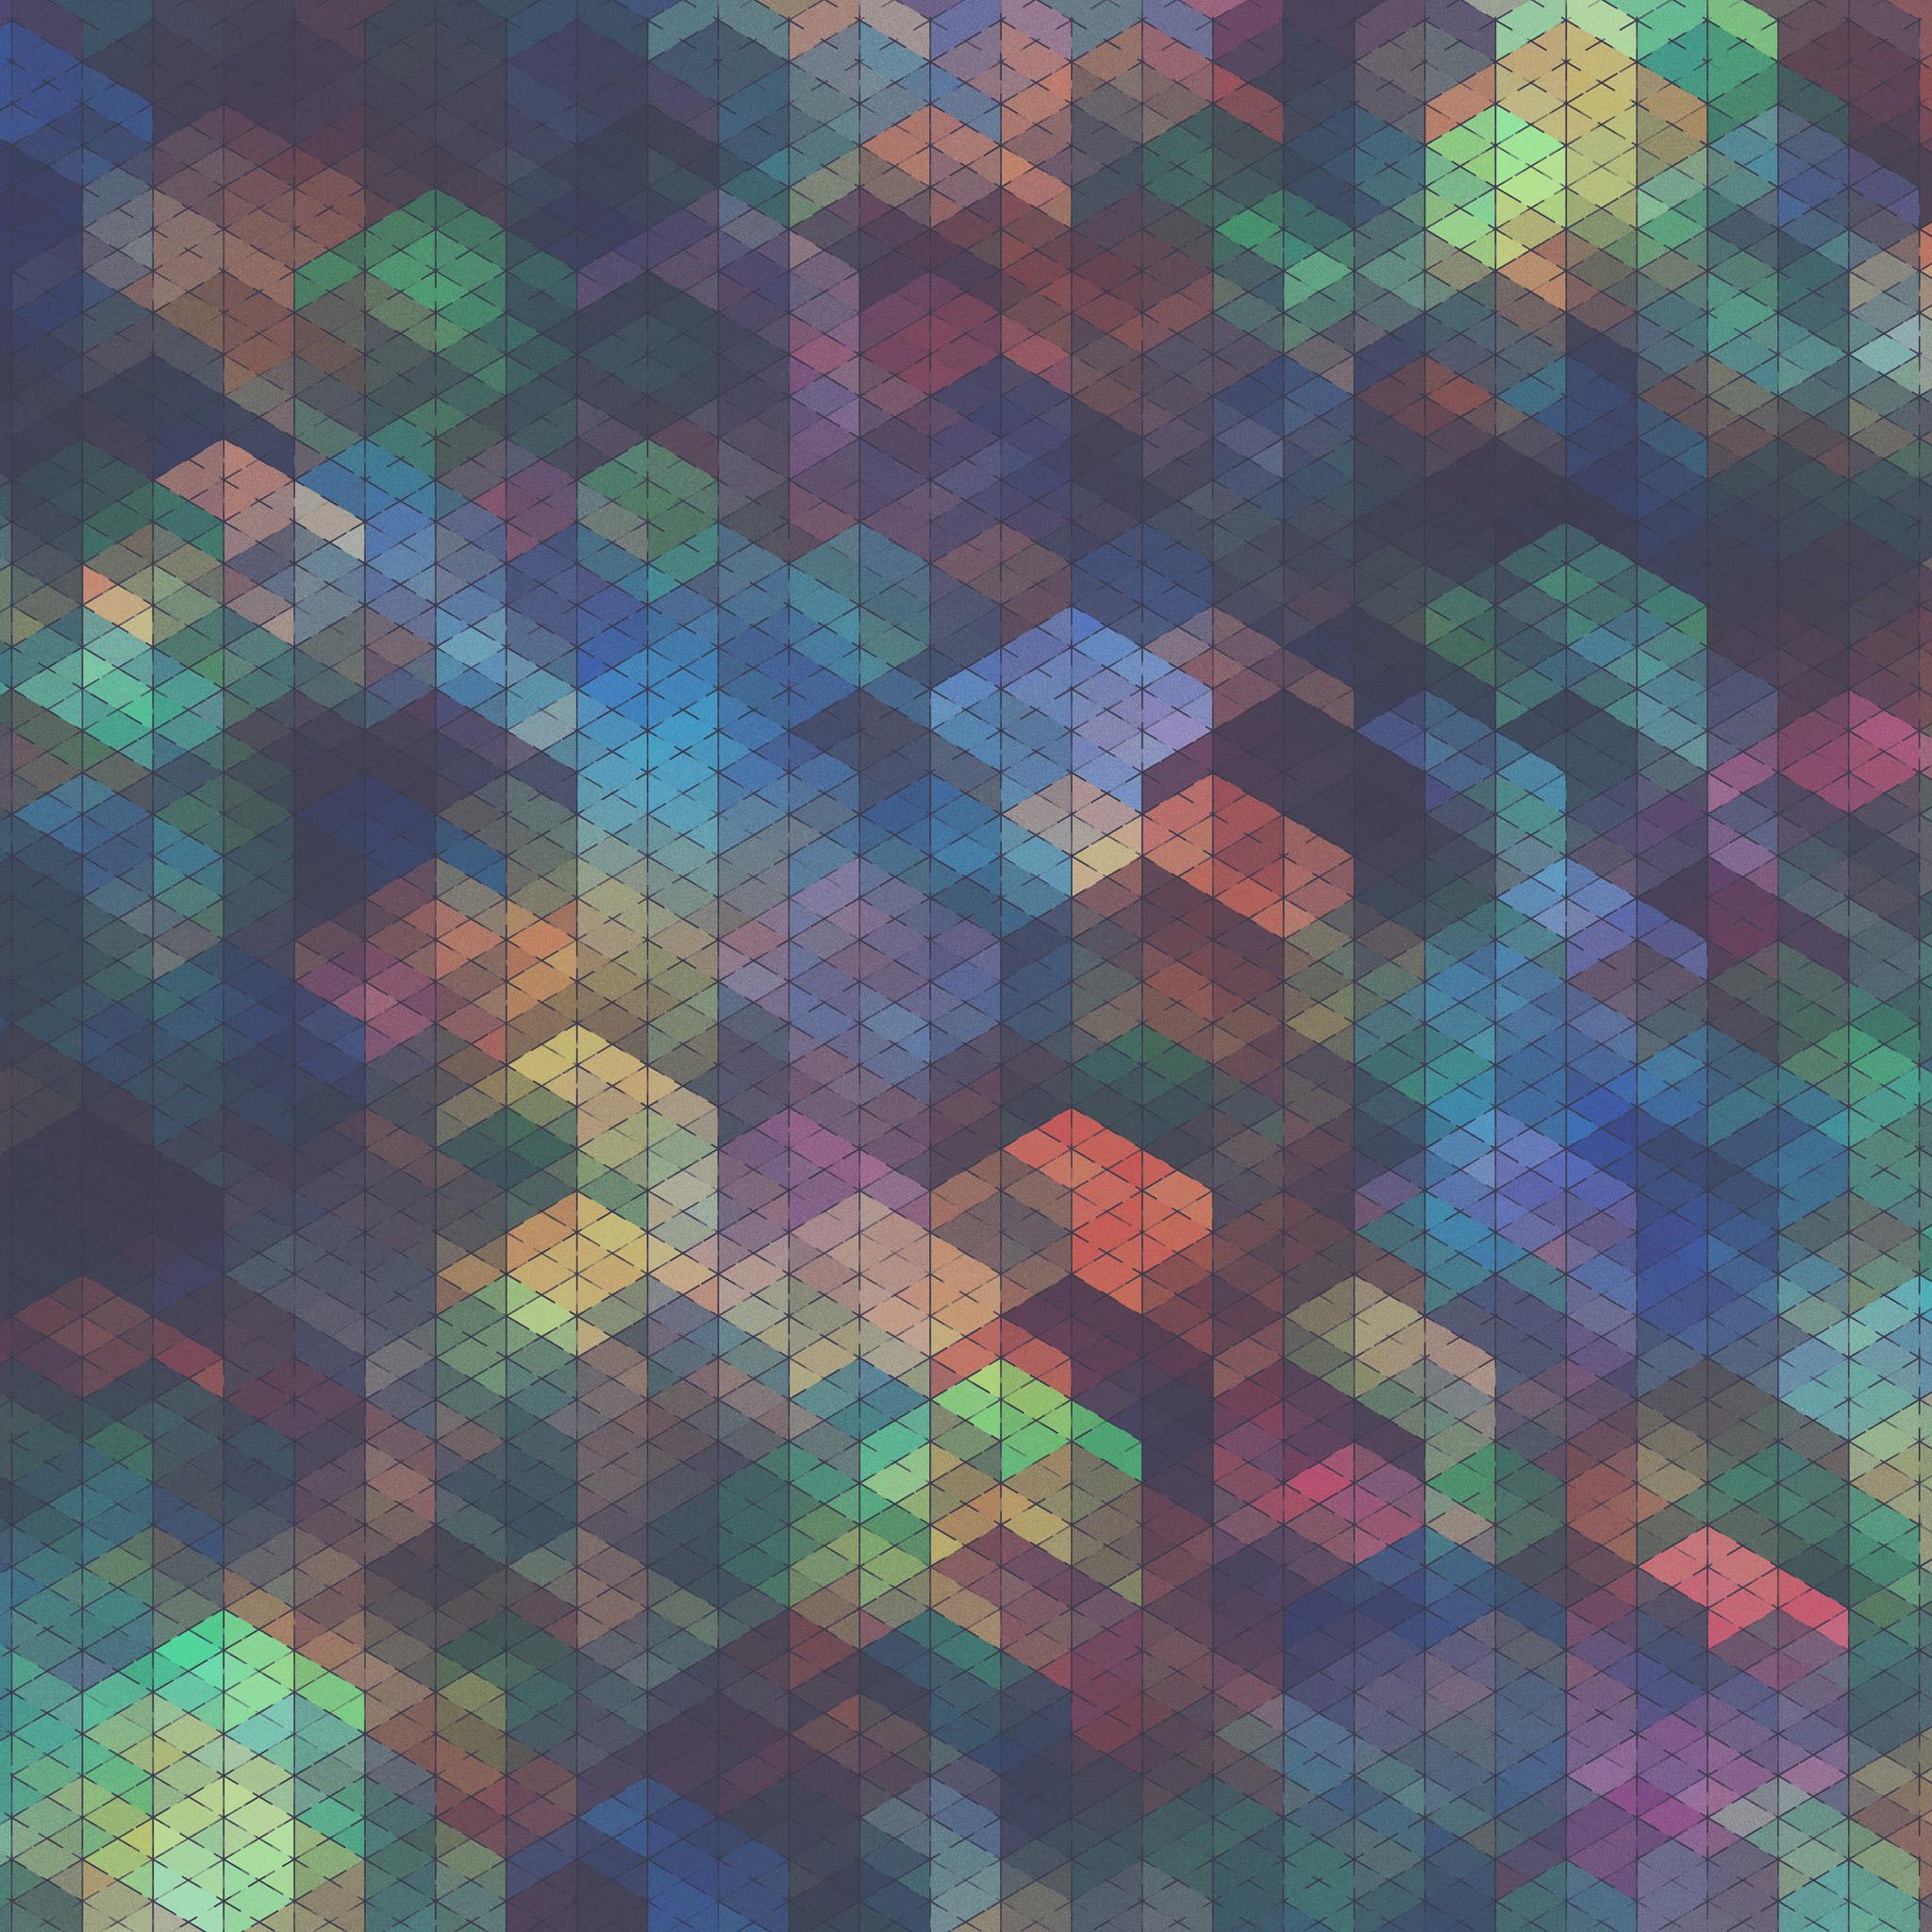 カラフルな幾何学模様の壁紙7(iPad3用/2048×2048)